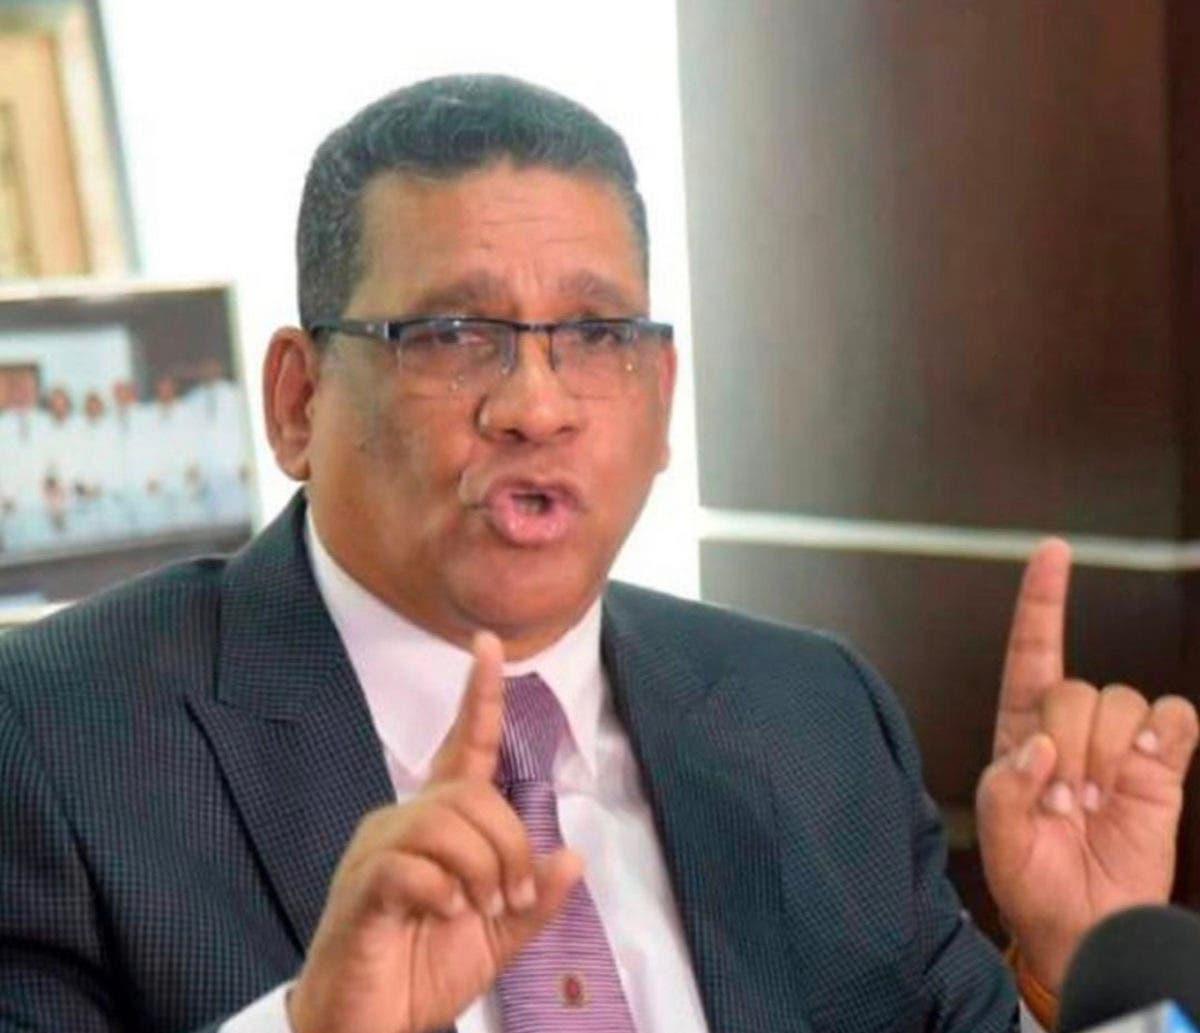 FP califica de «vulgar mentira» se negociara apoyar nueva Cámara de Cuentas por Defensor de Pueblo